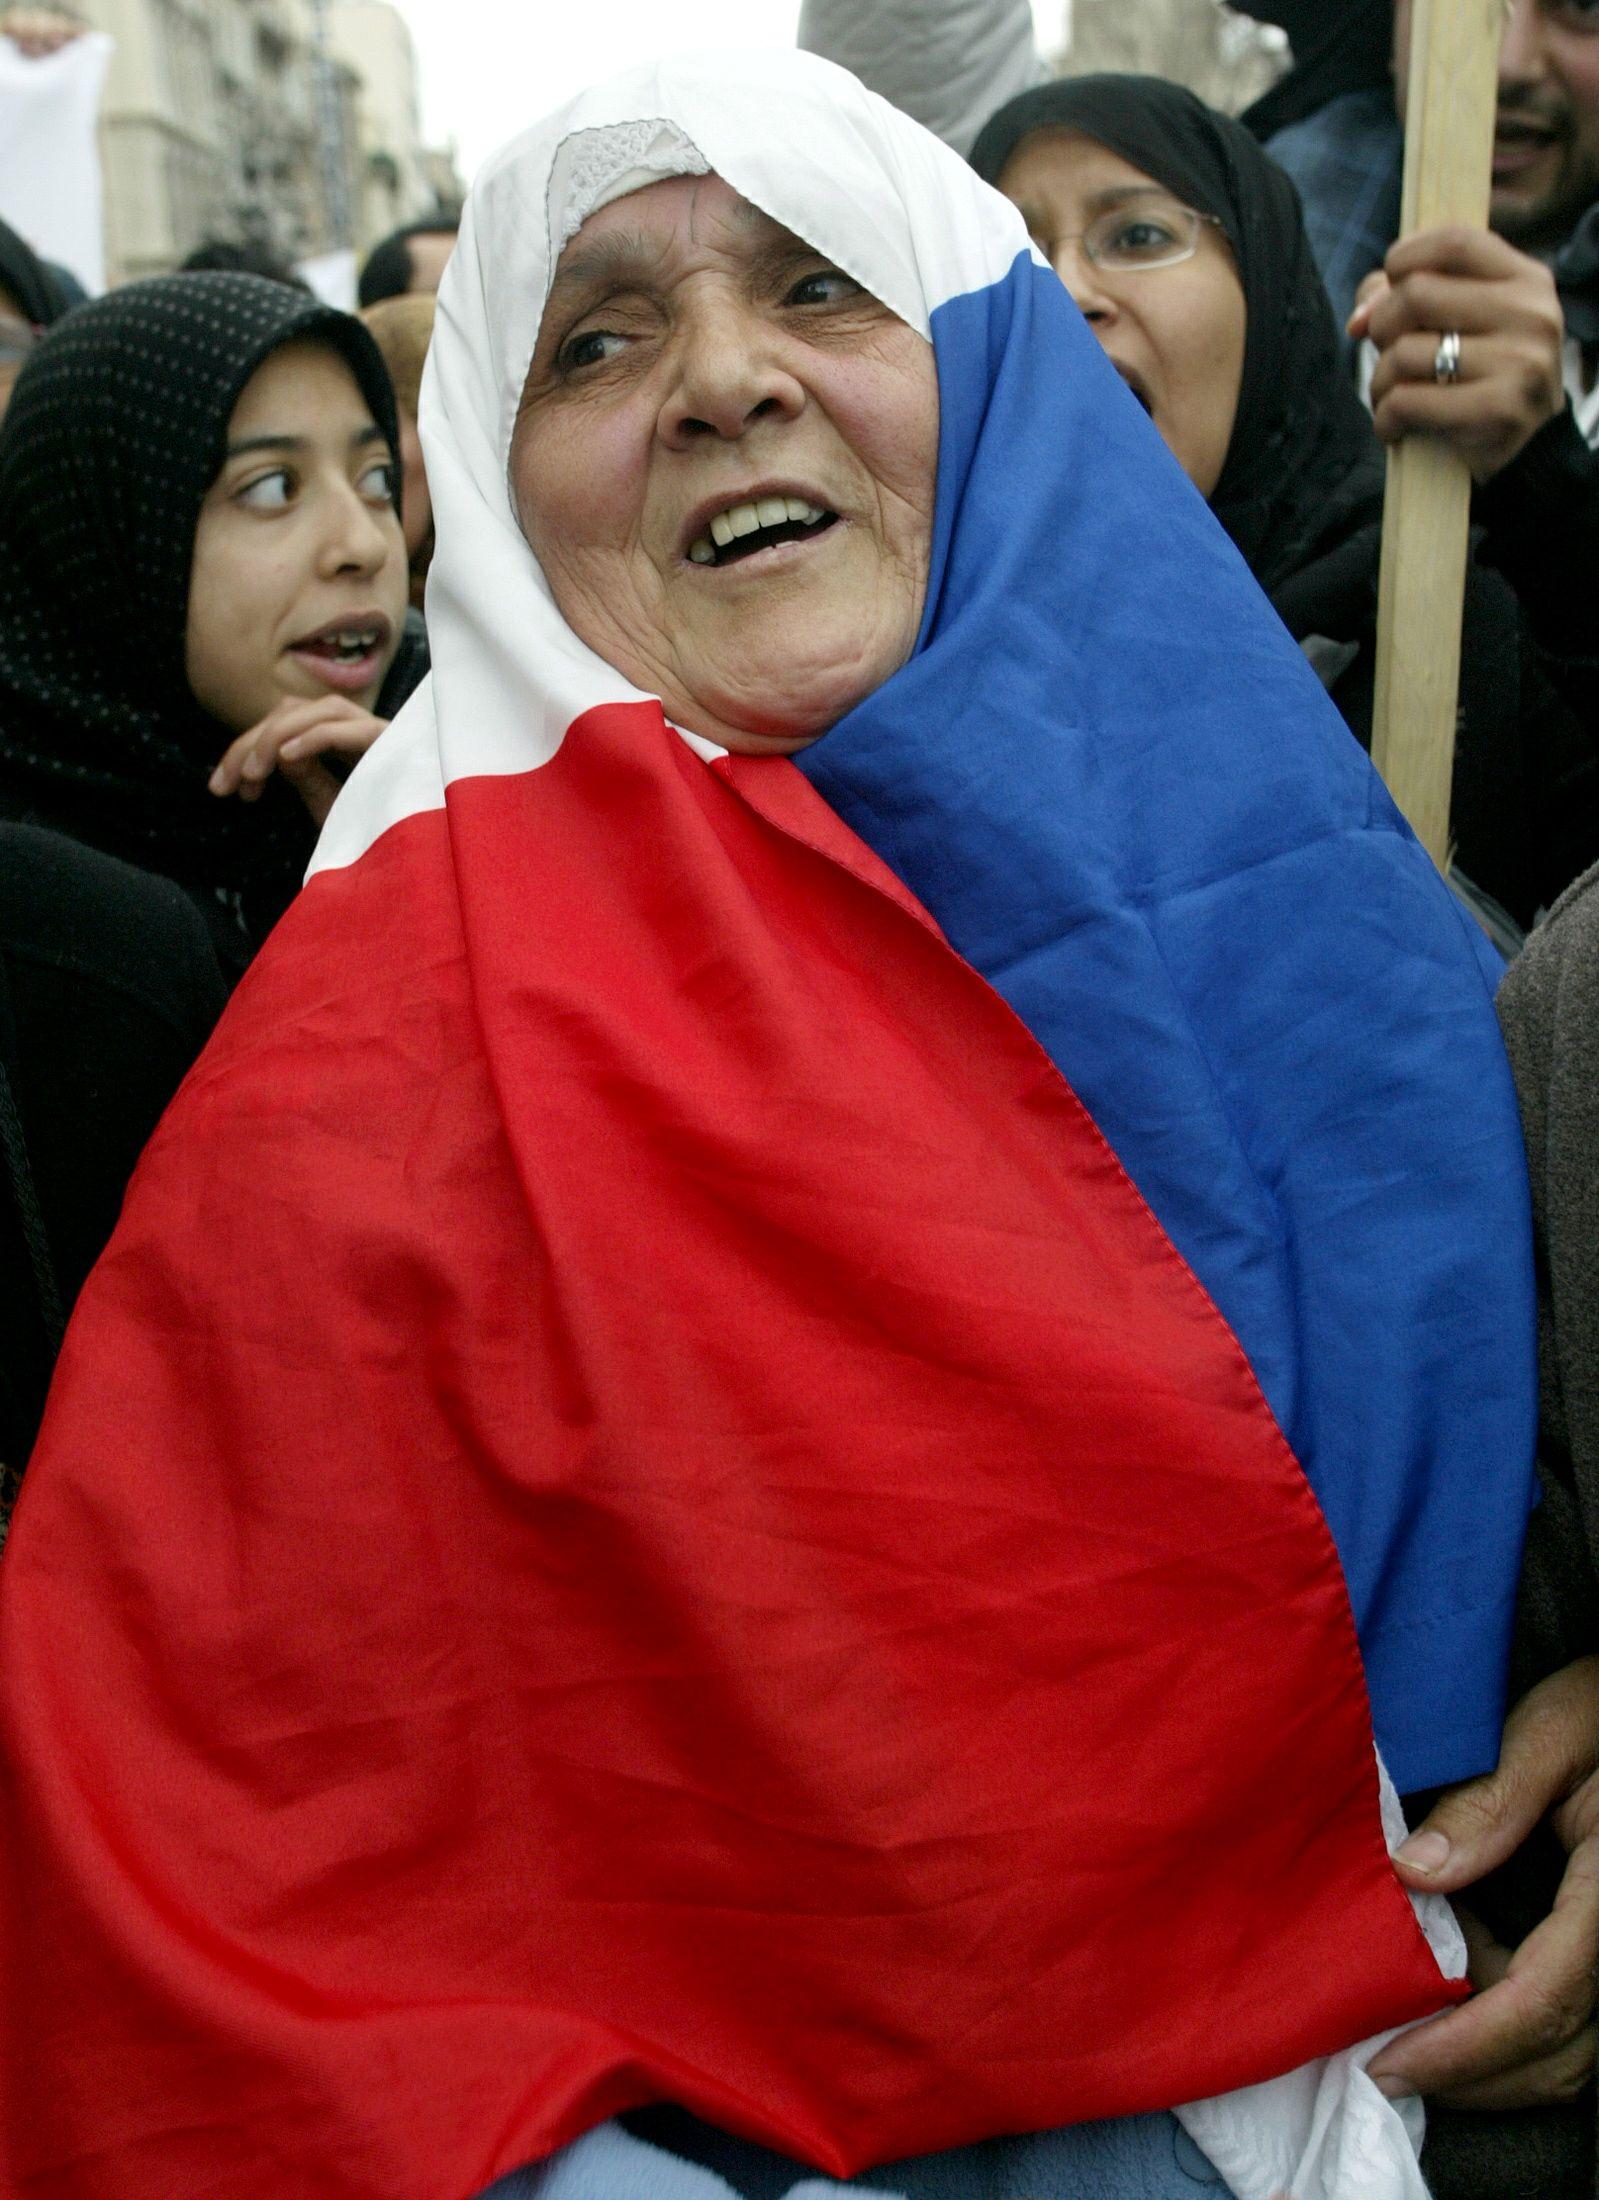 Près de trois Français sur quatre estiment que l'islam n'est pas compatible avec la société française, selon un sondage Ipsos.